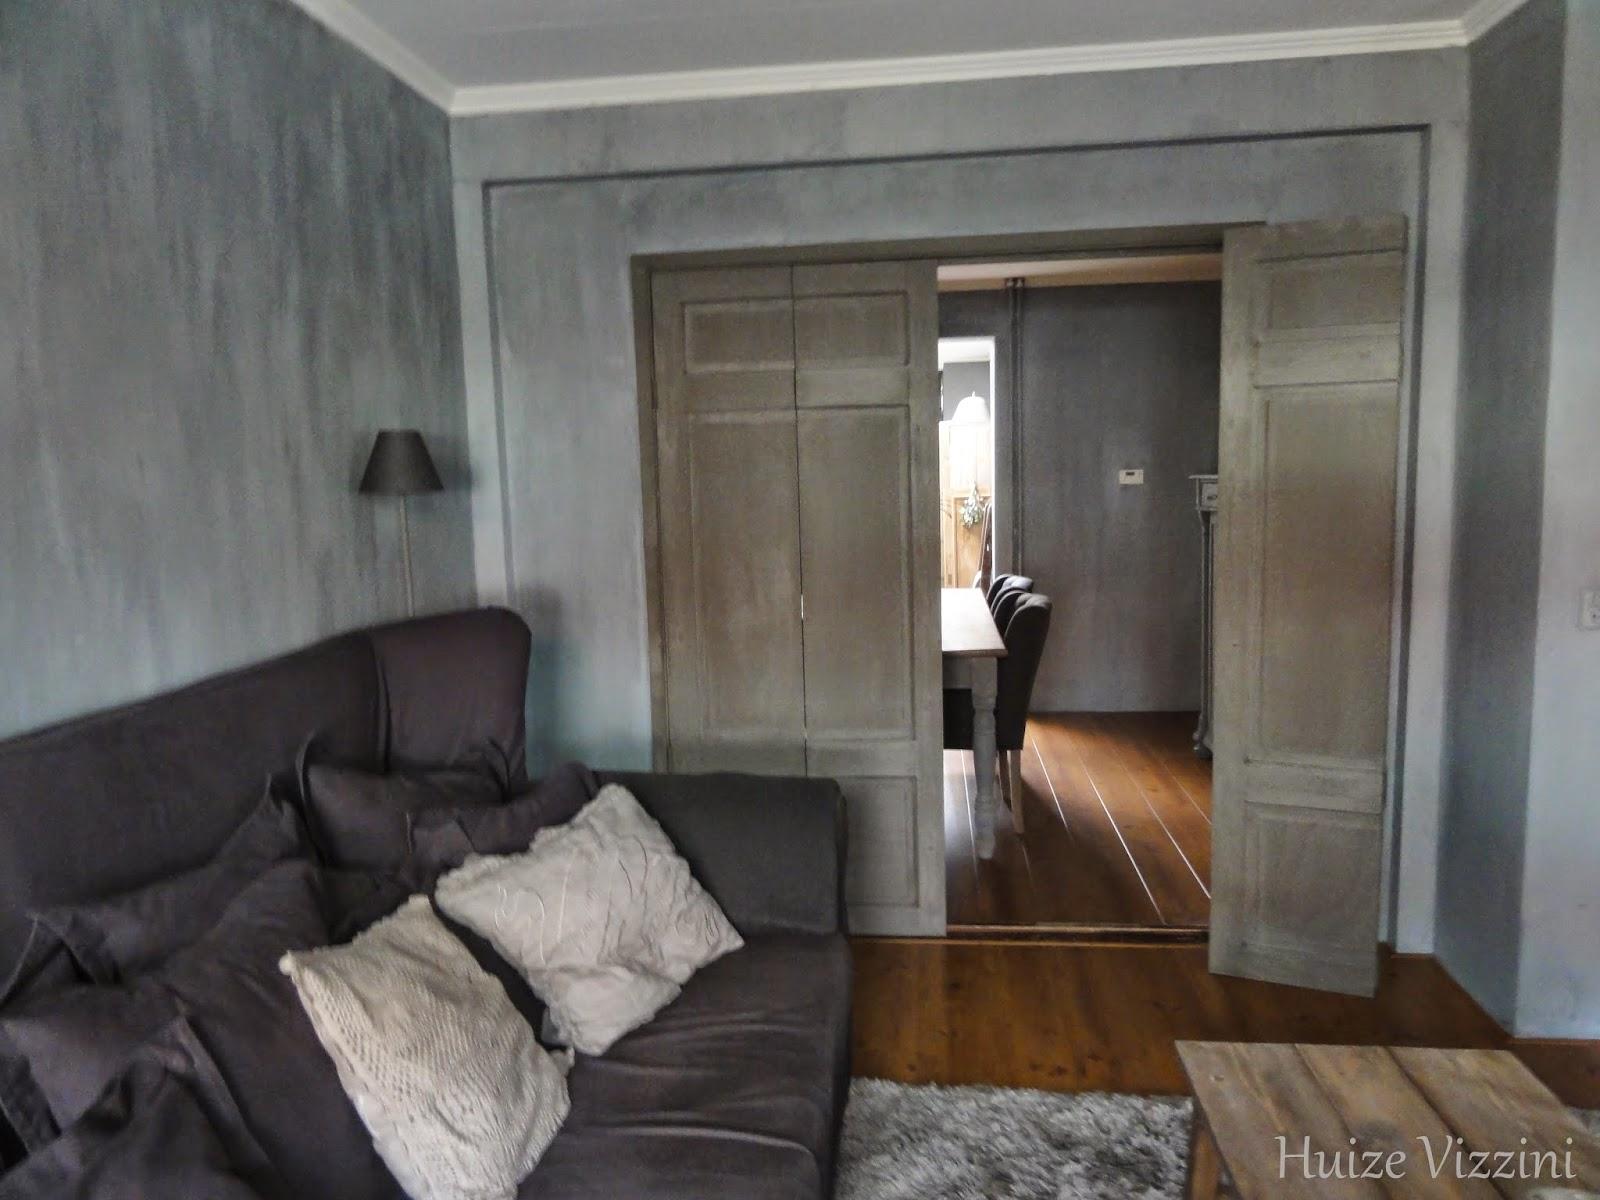 Keuken muur rode kleur - Kleur verf moderne woonkamer ...